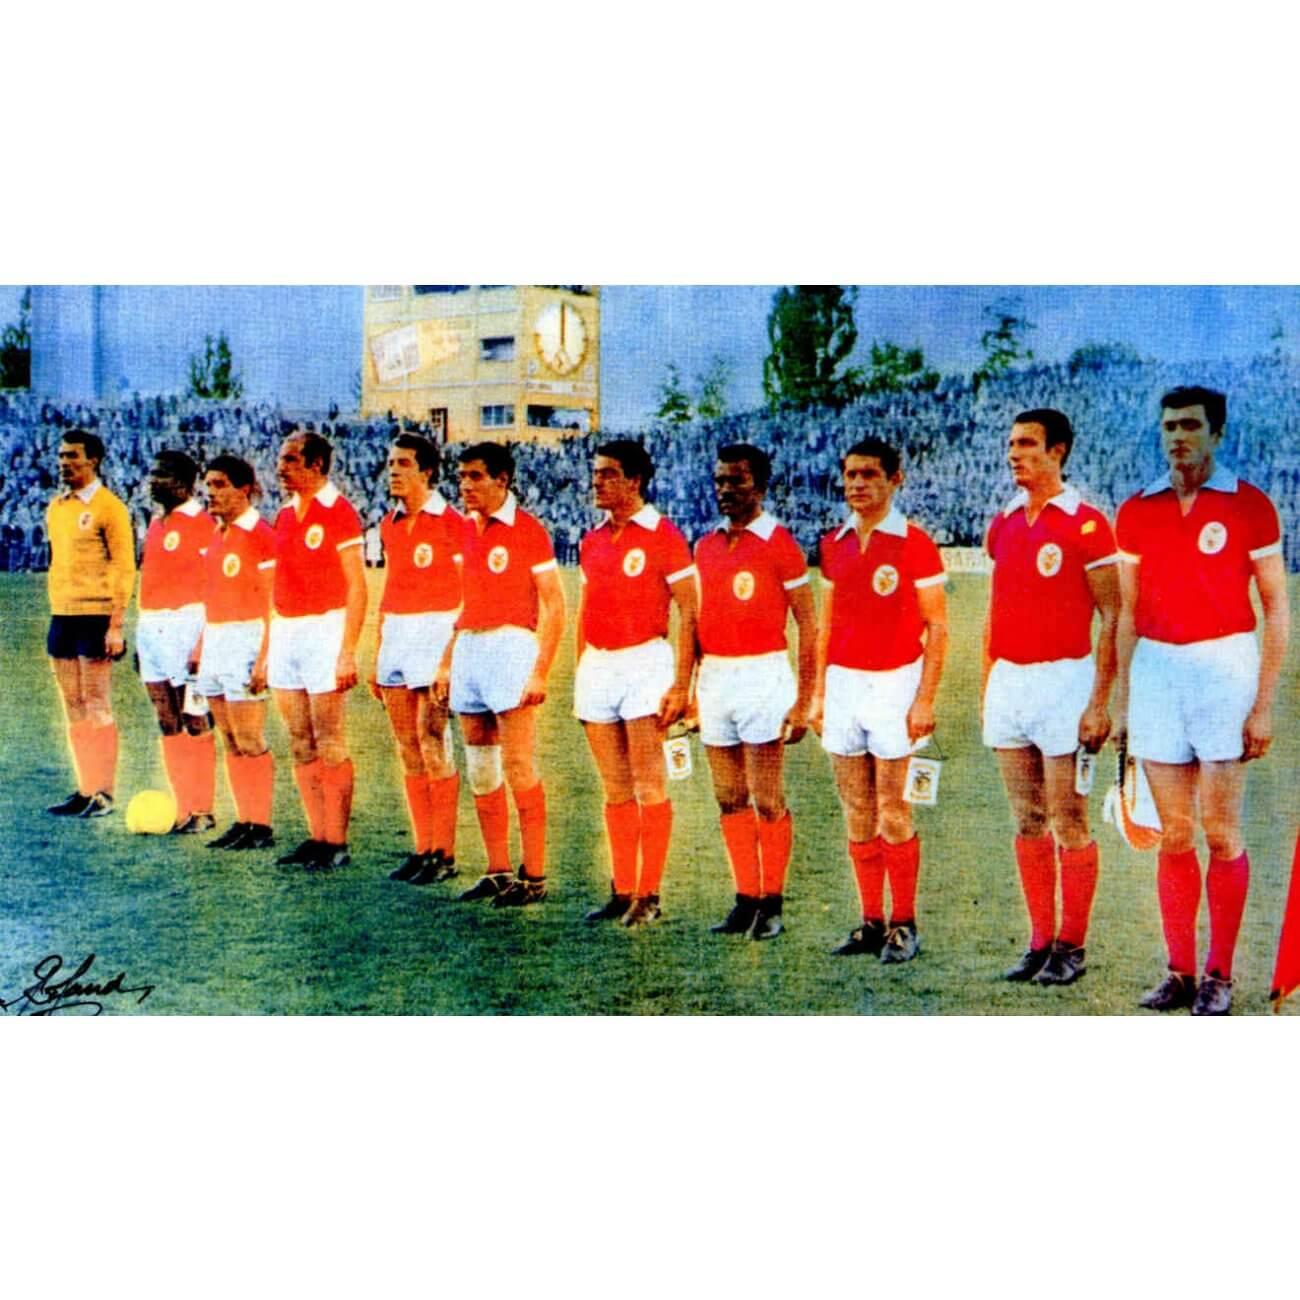 reputable site f415a 3672b SL Benfica 1960/61 retro shirt | Retrofootball®